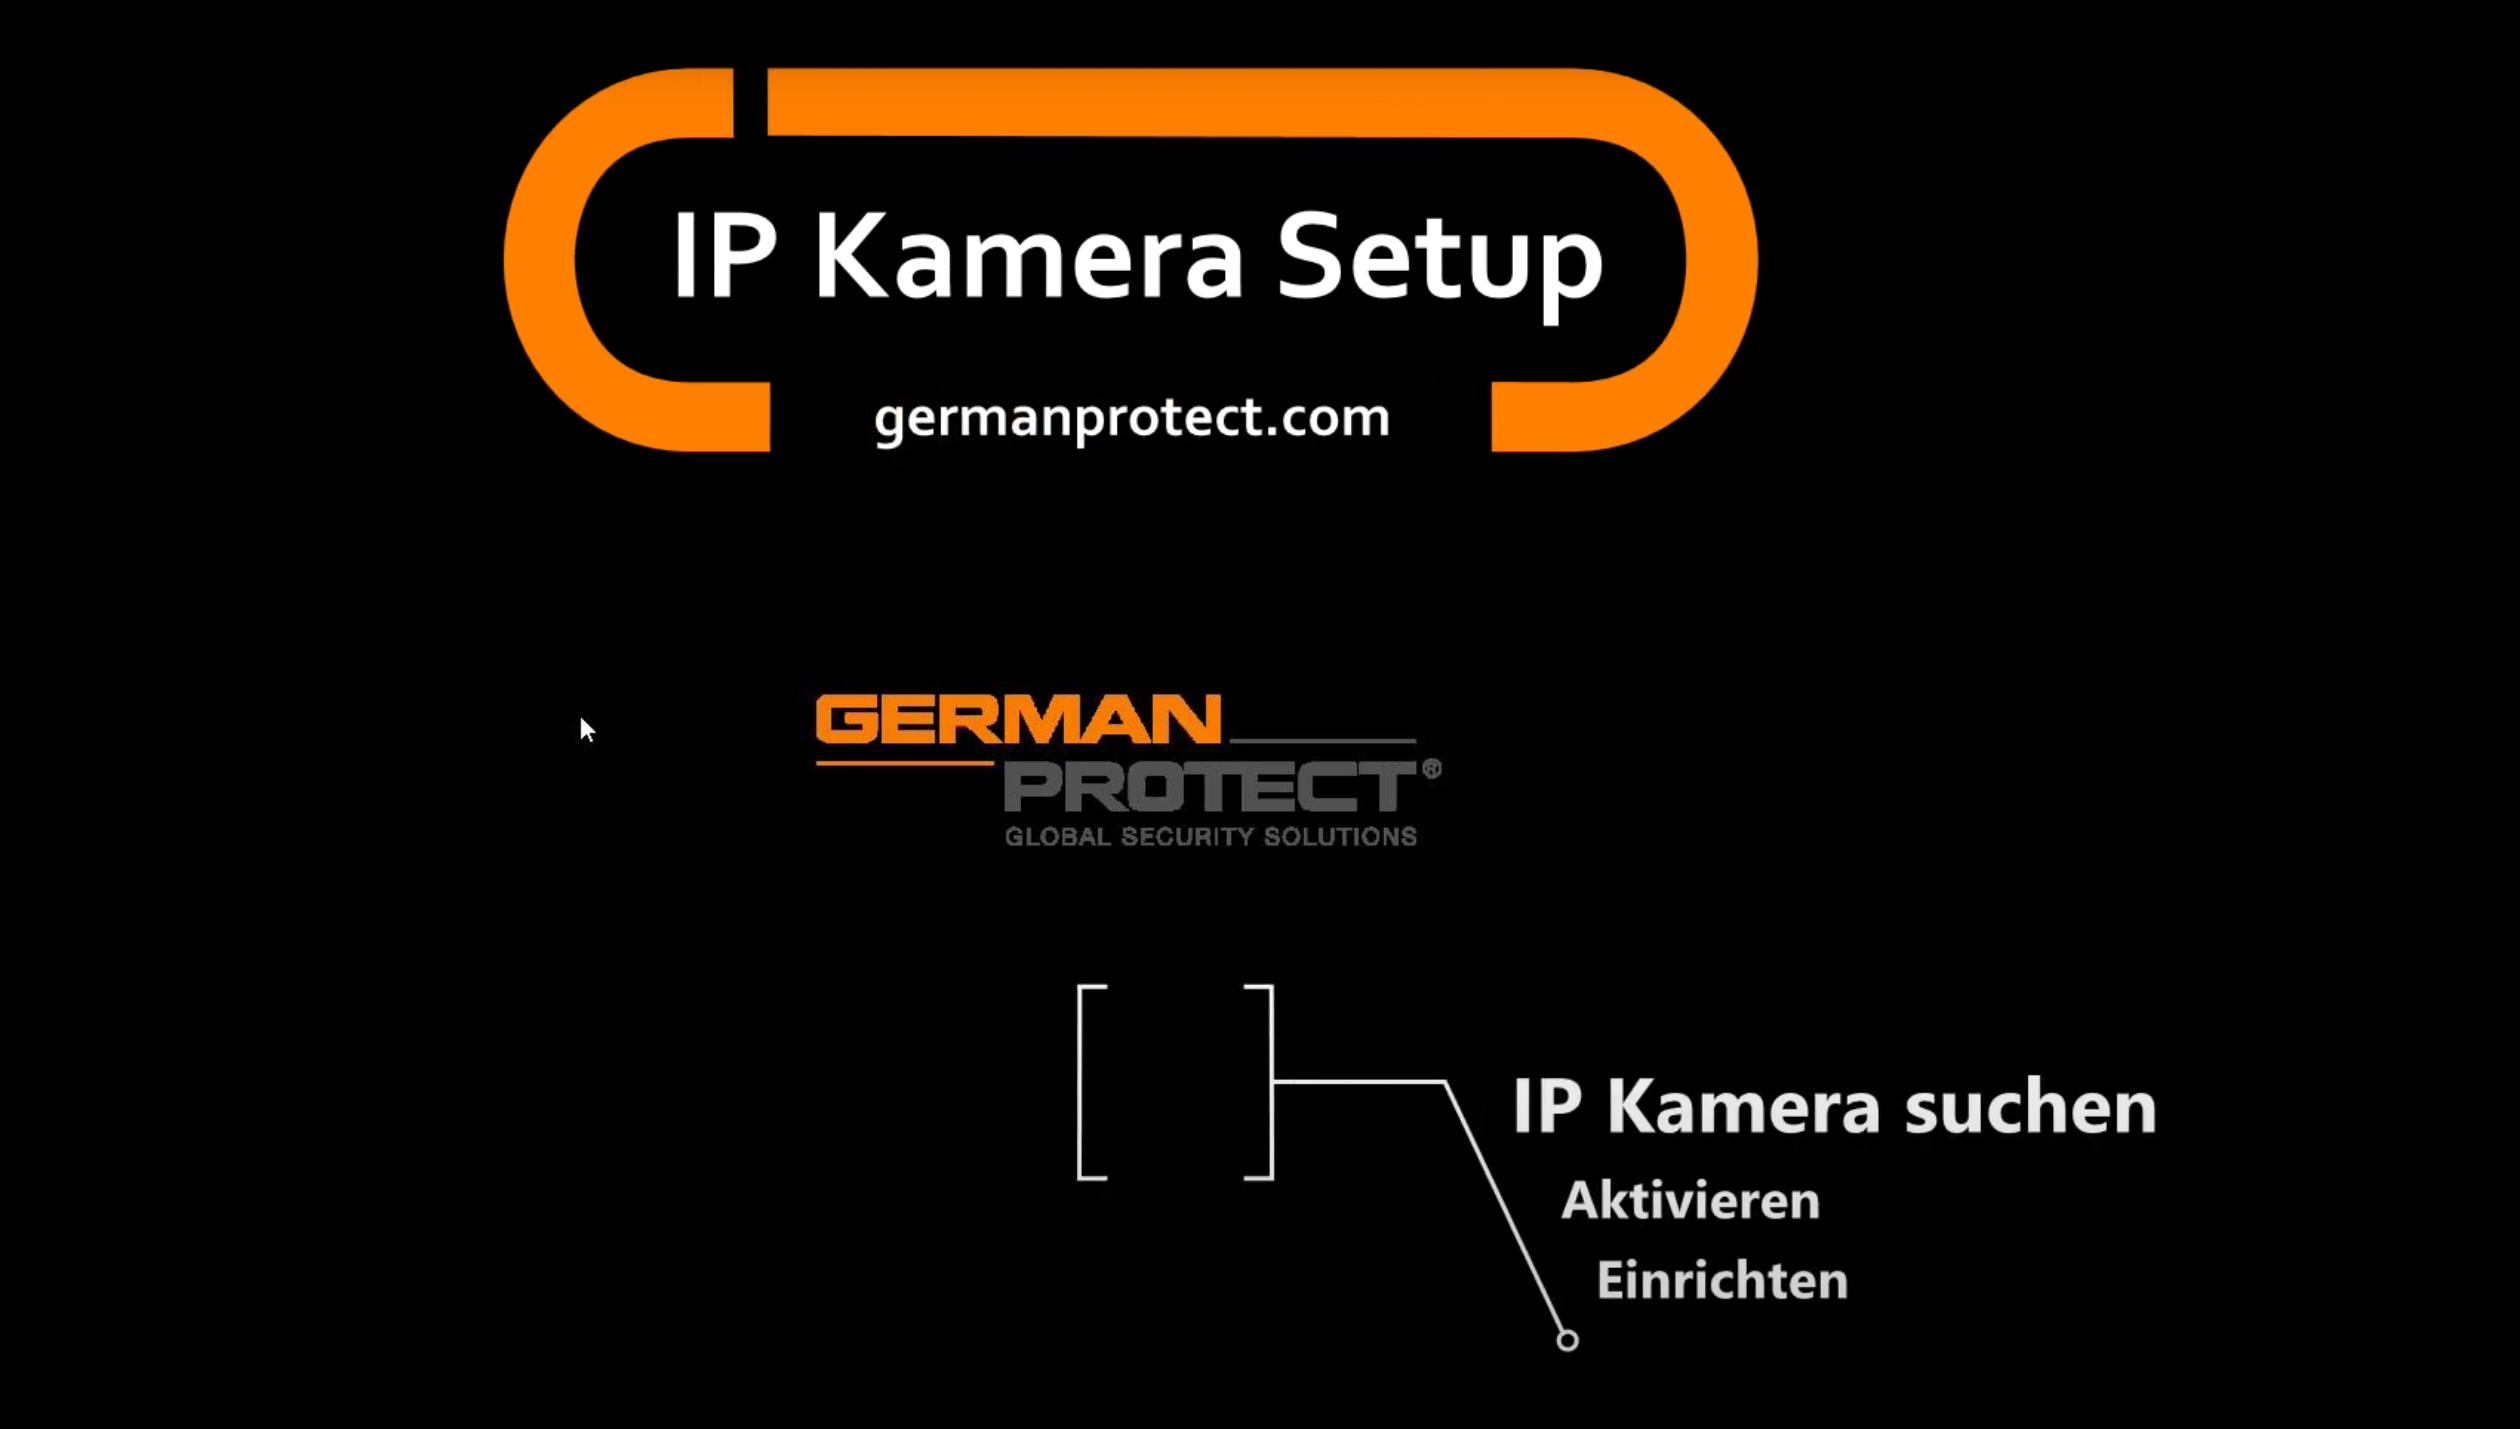 Wie richte ich eine IP Kamera richtig ein?